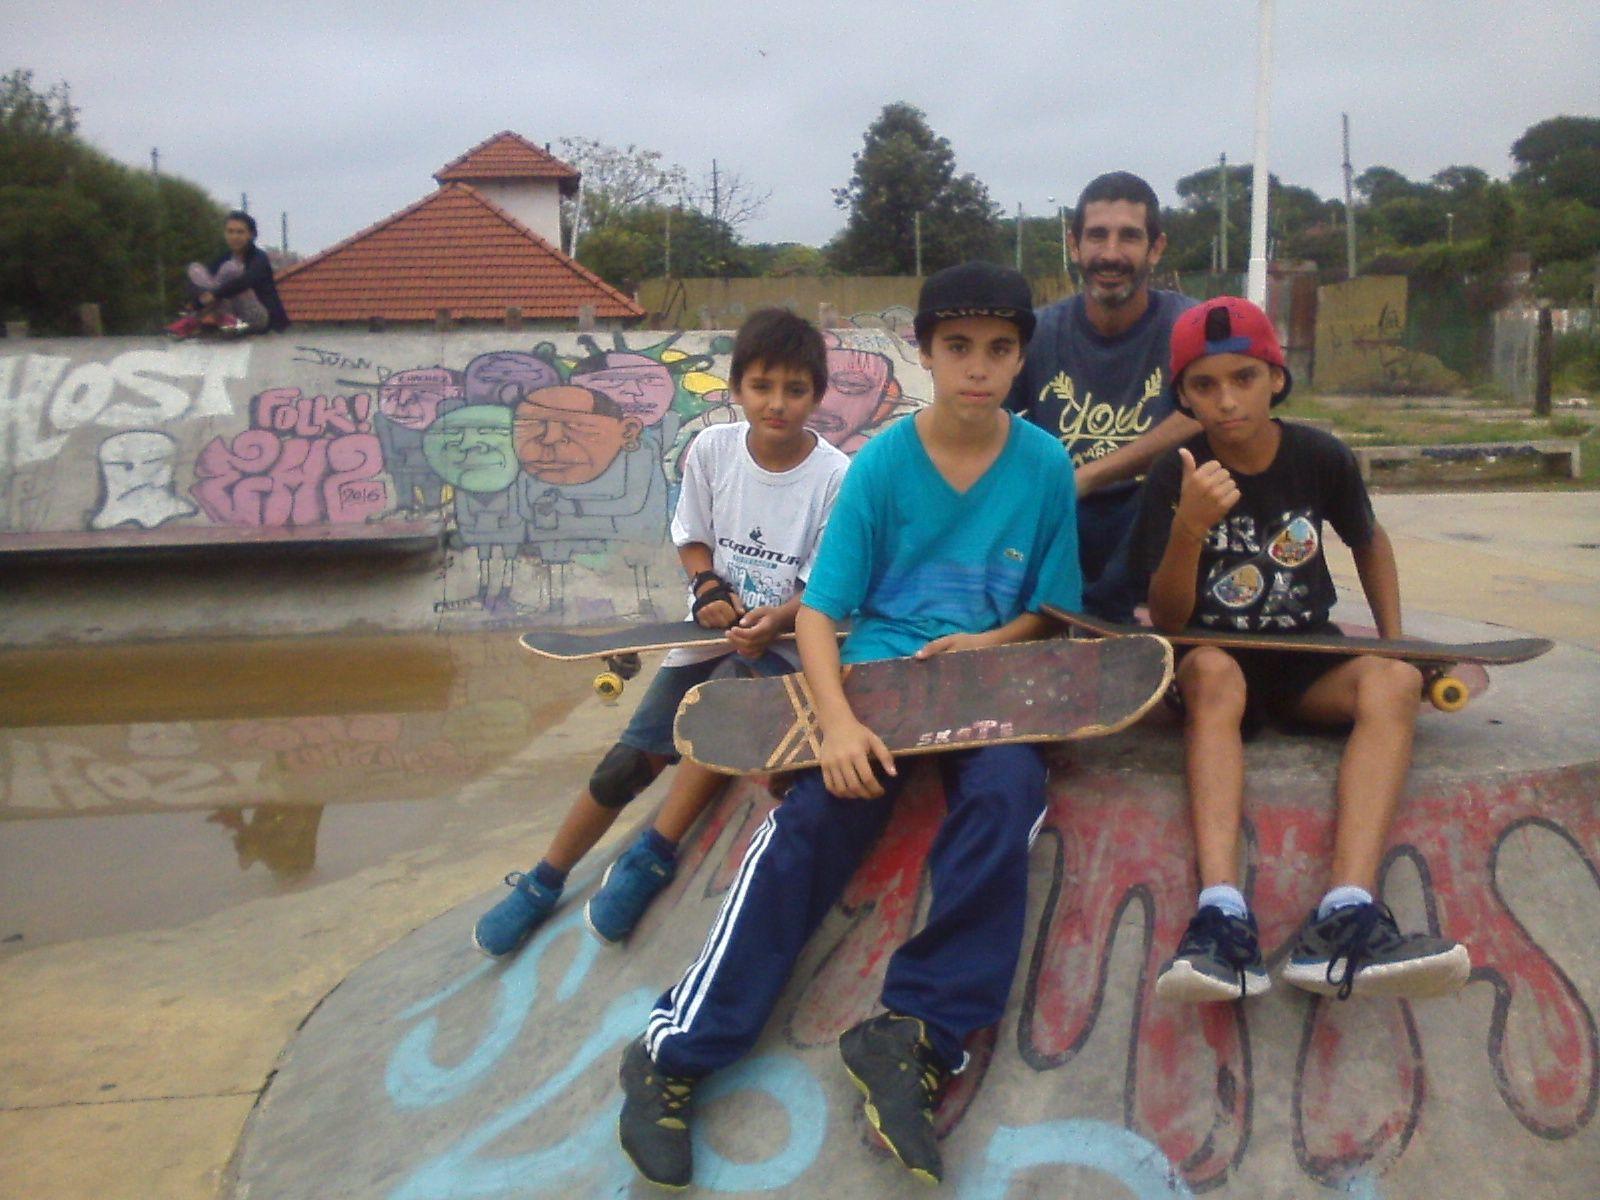 El sábado por la mañana la lluvia paró y se realizó la clase de la escuelita en el skatepark. Foto Gentileza.